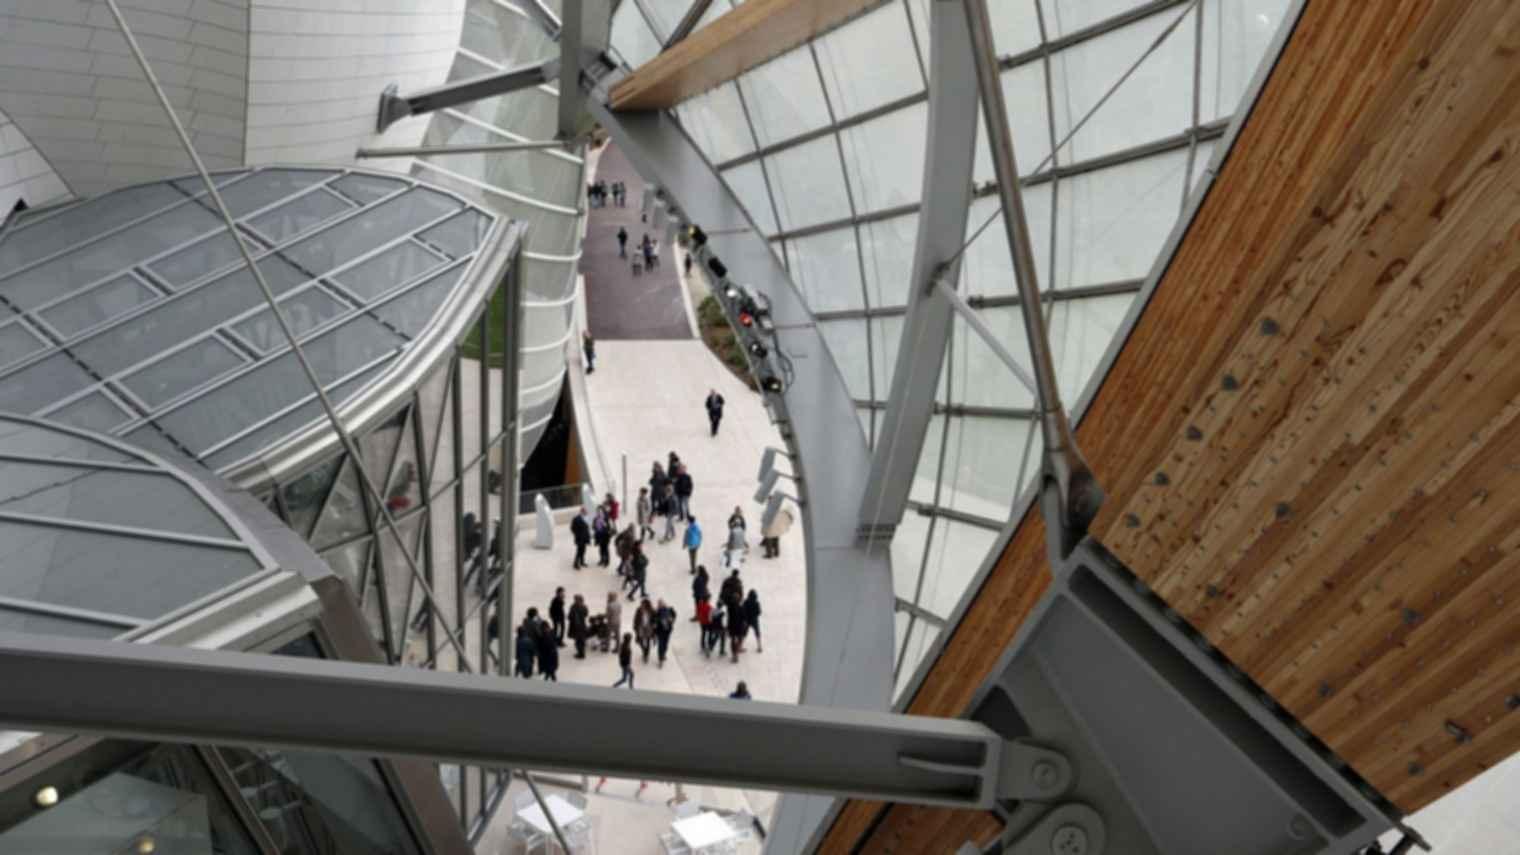 Fondation Louis Vuitton - Exterior